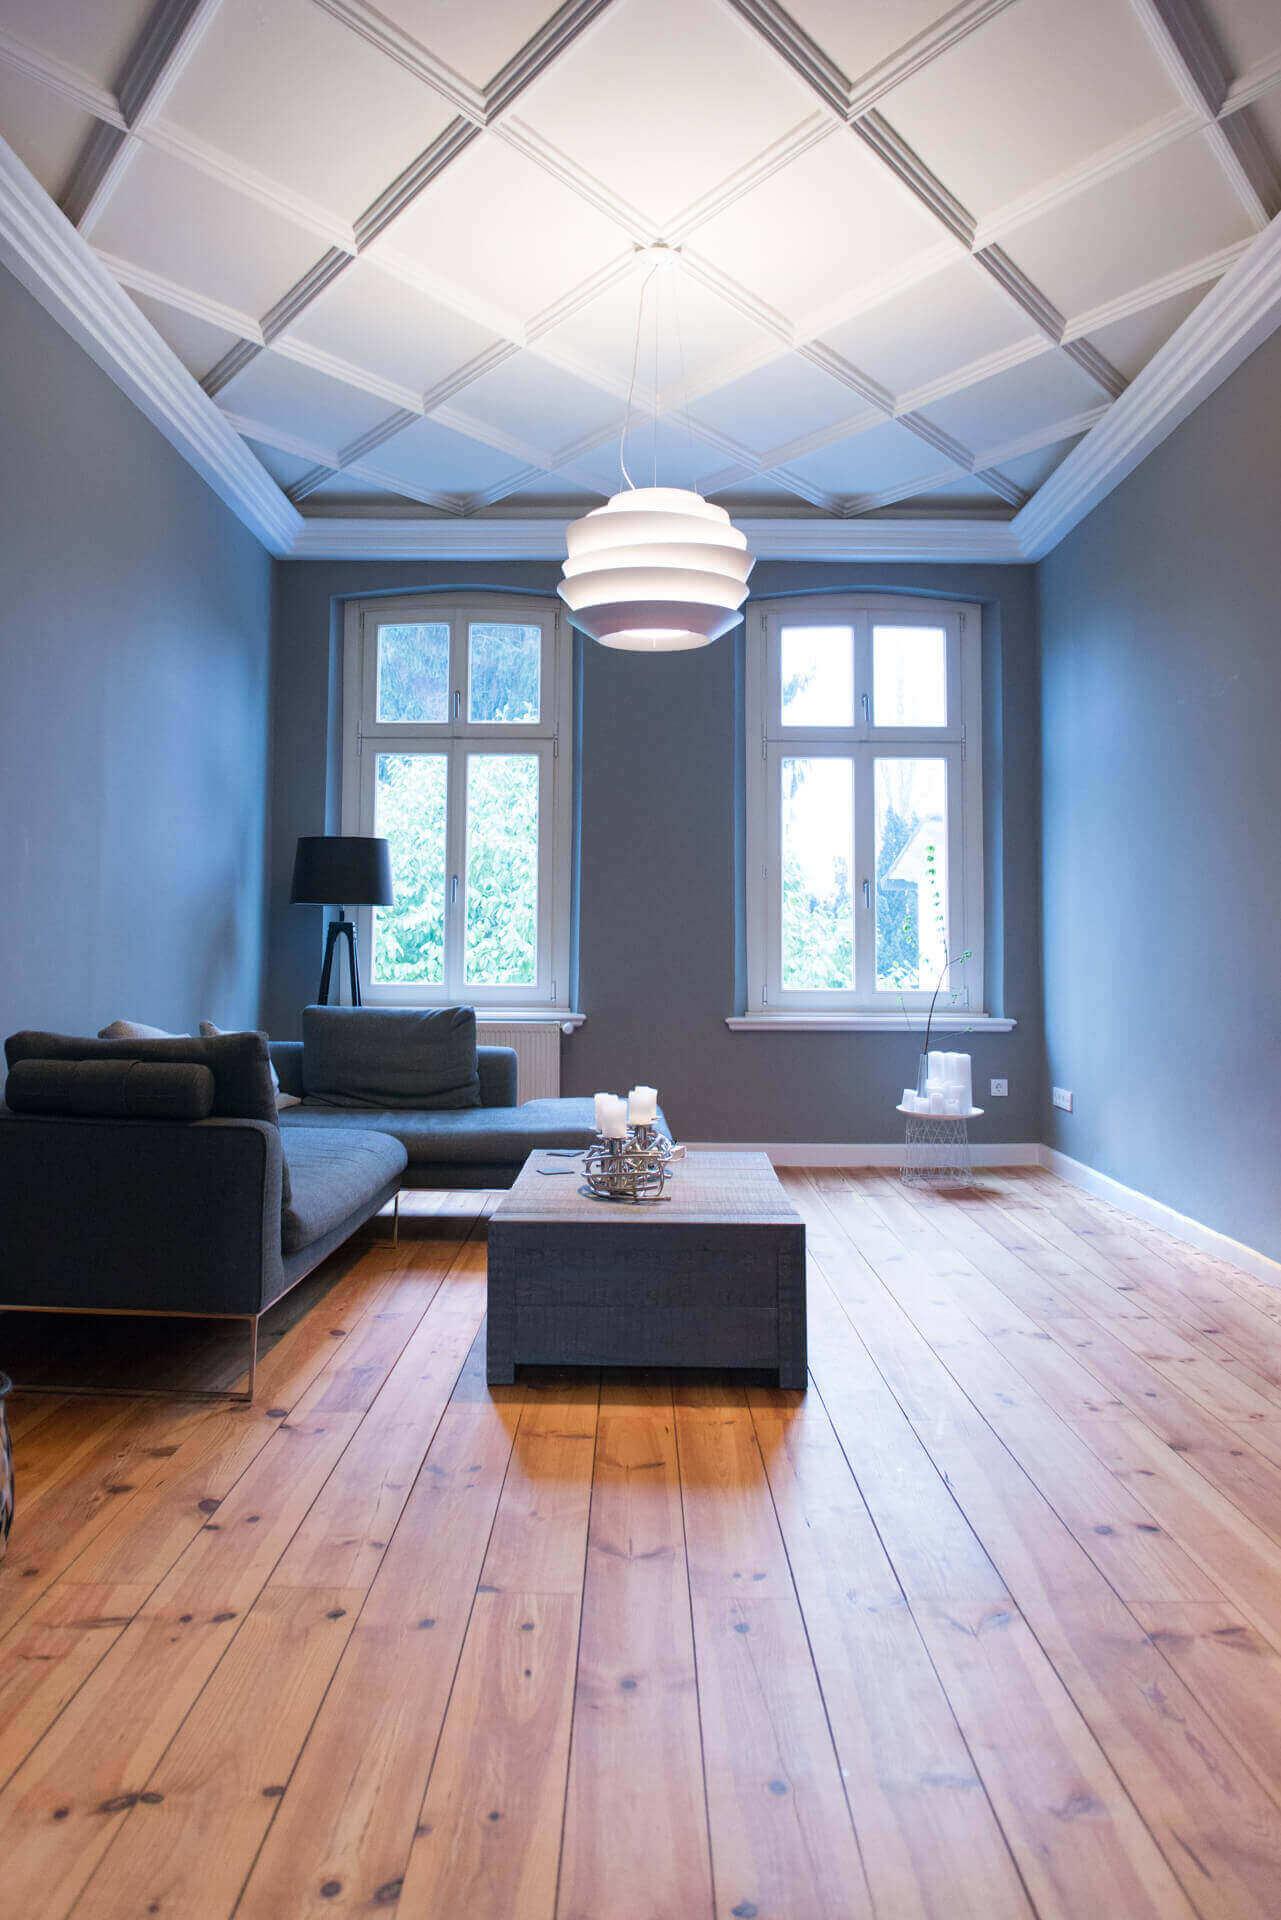 Wohnzimmerbeleuchtung Foscarini Le Soleil | Leuchten Lukassen